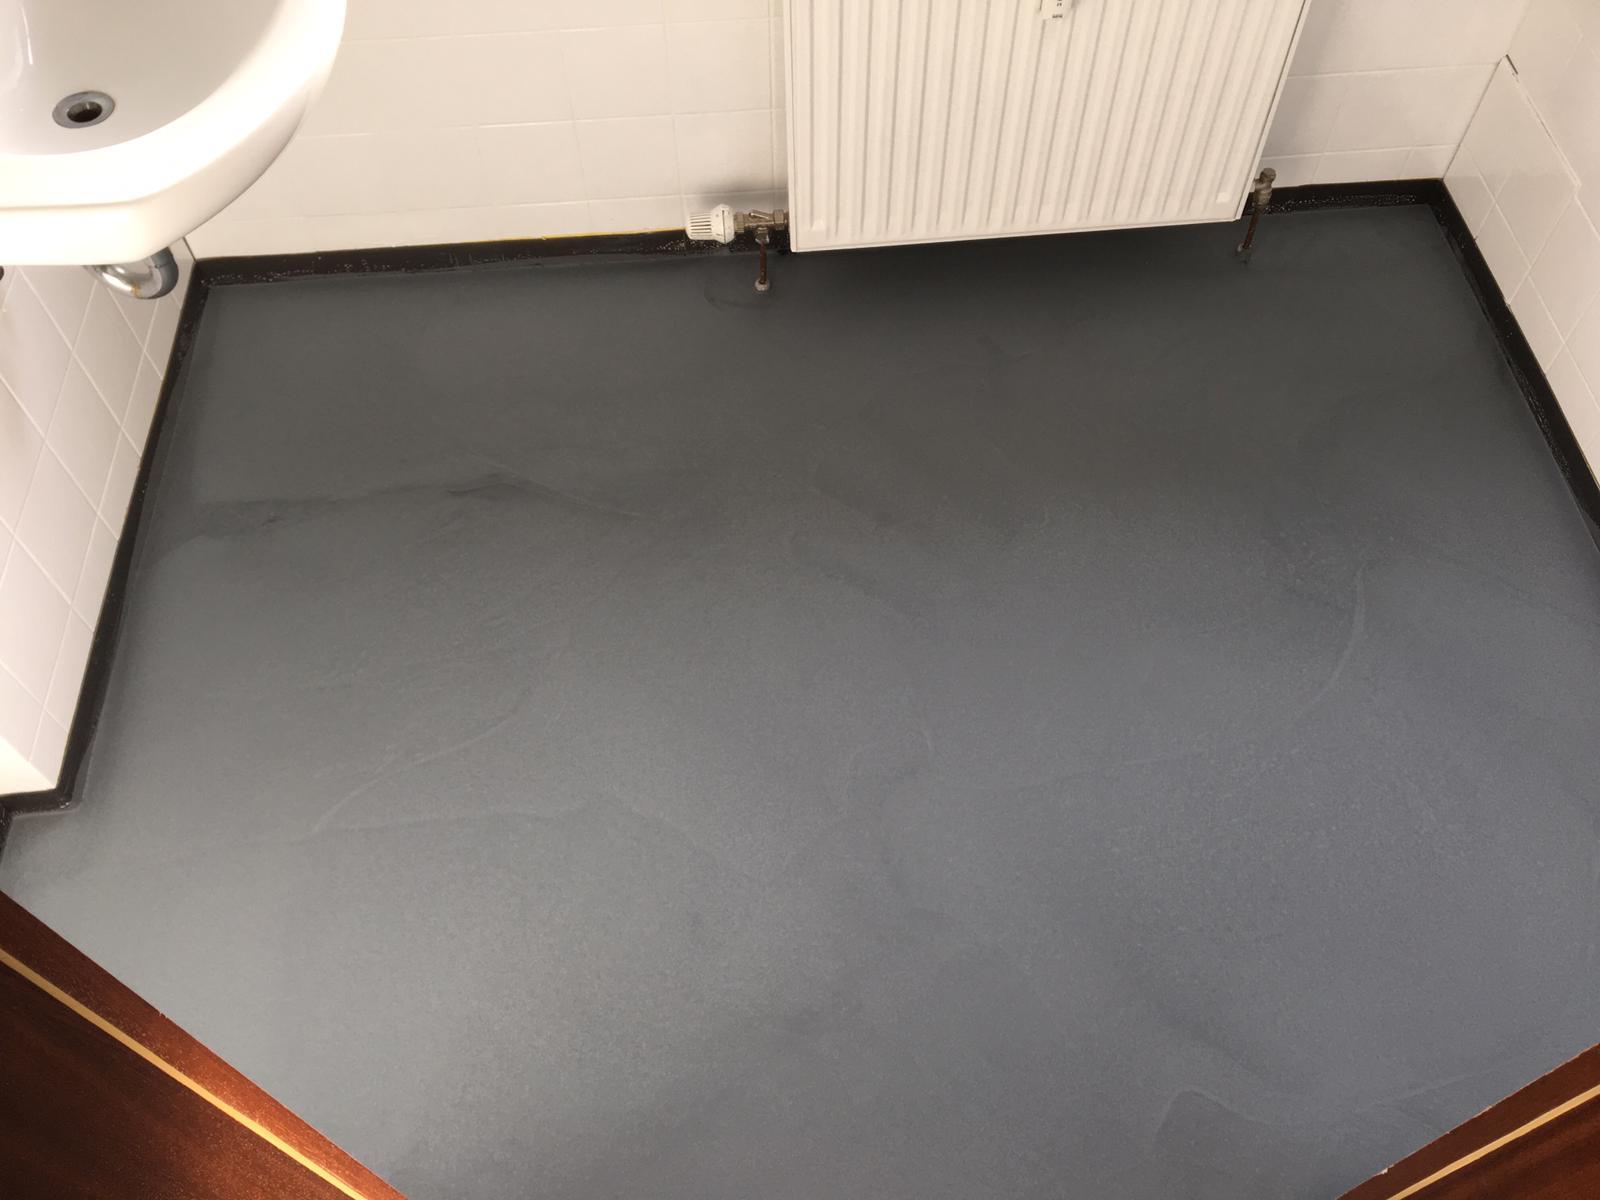 Fugenloser Fußboden - auch in klein sehr modern